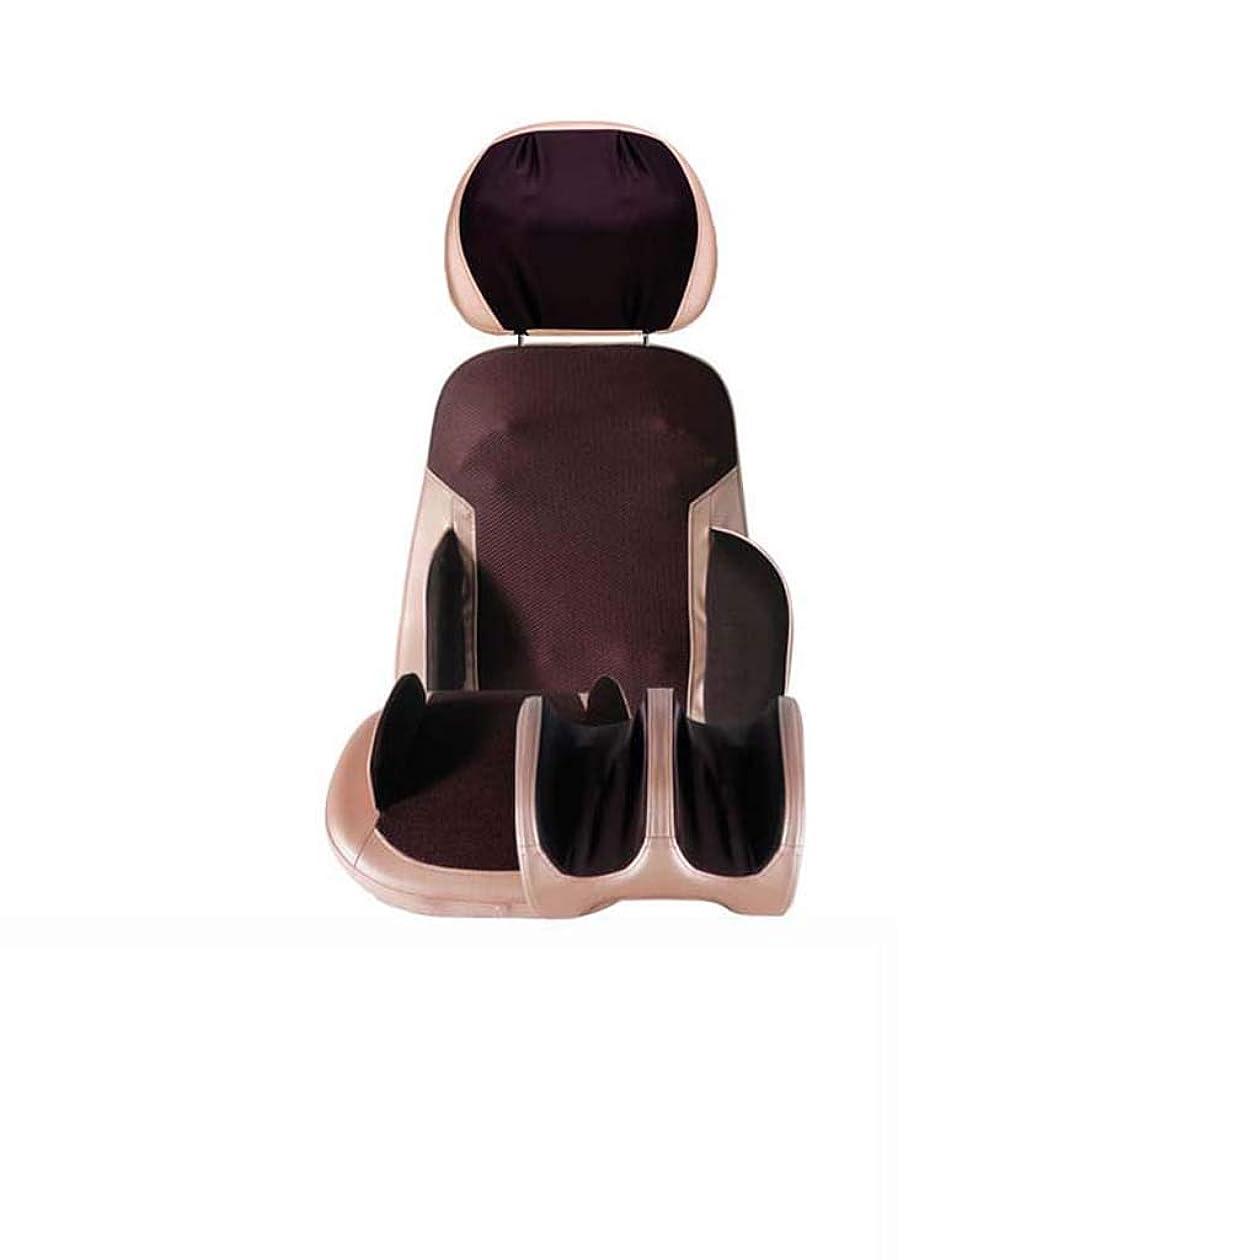 隣人ねじれ約Yhz@ マッサージチェアクッションボディマルチファンクションホームオフィス電気マッサージャー頚椎腰ウエストマッサージクッション - 調整可能なヘッドレスト